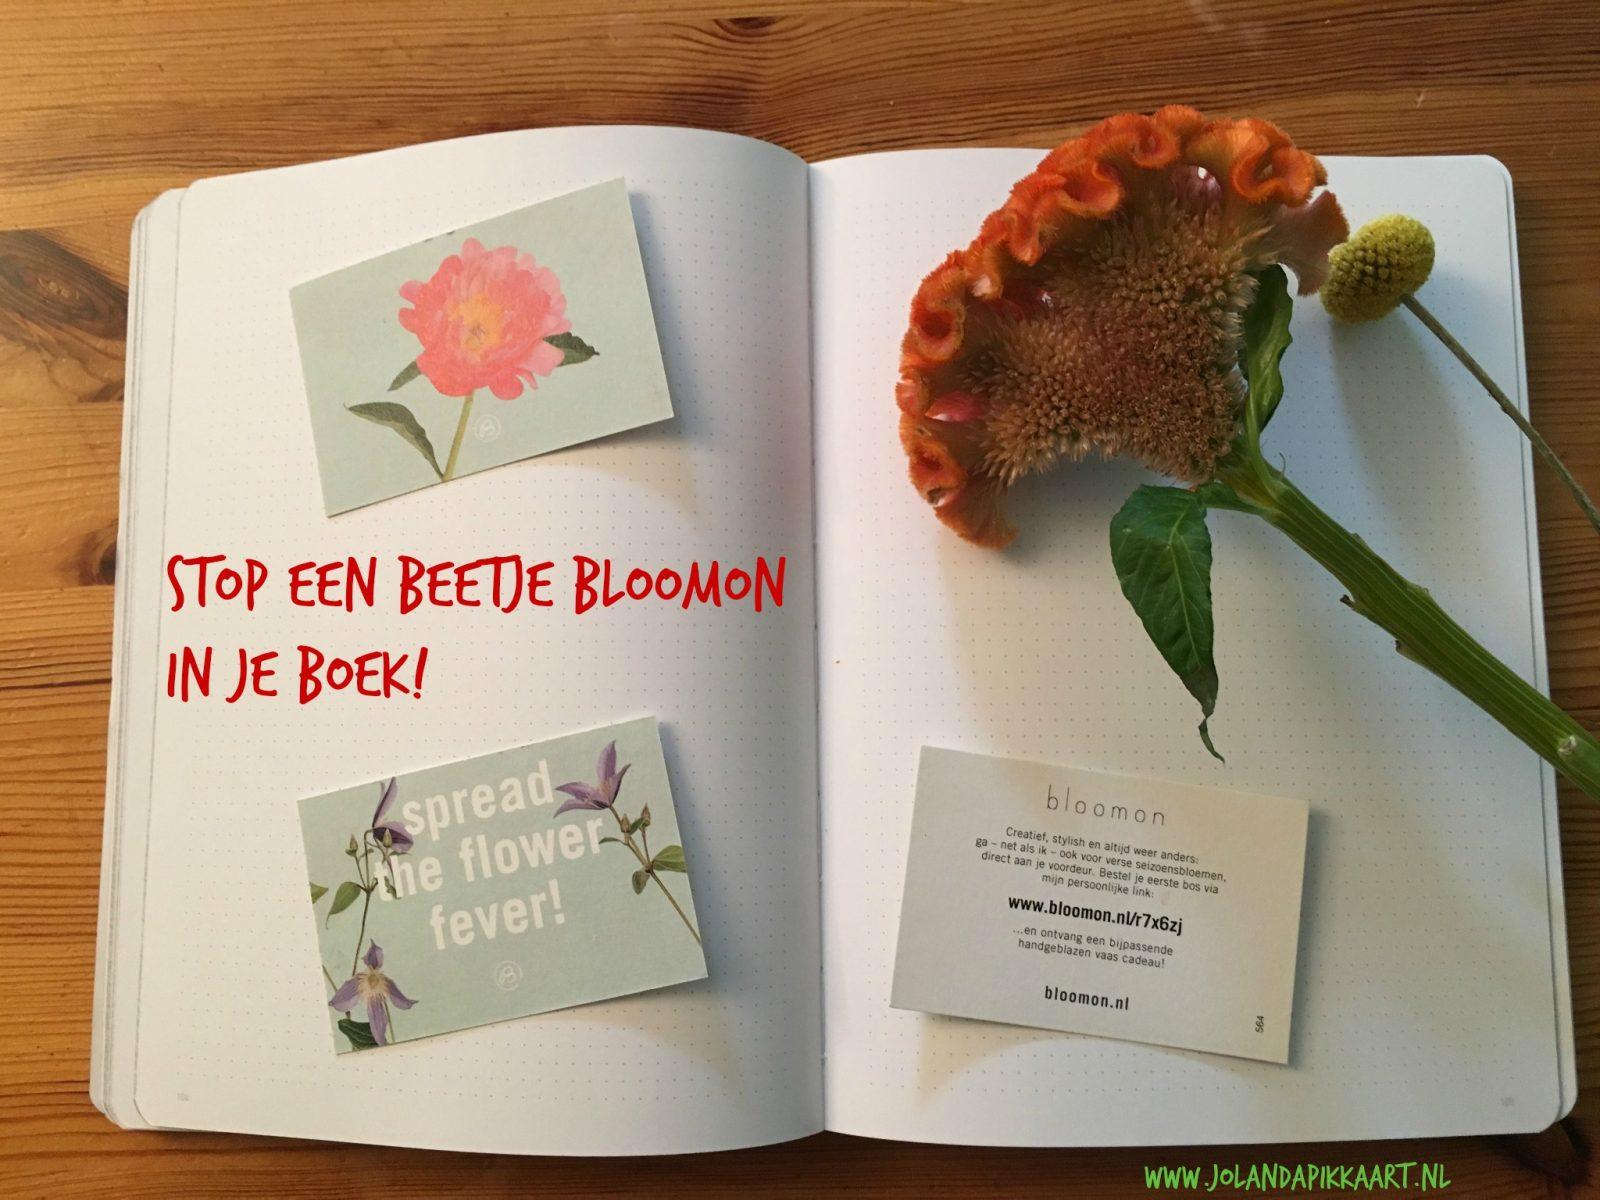 Hoe Je Een Beetje Bloomon In Je Boek Stopt En Je Lezers